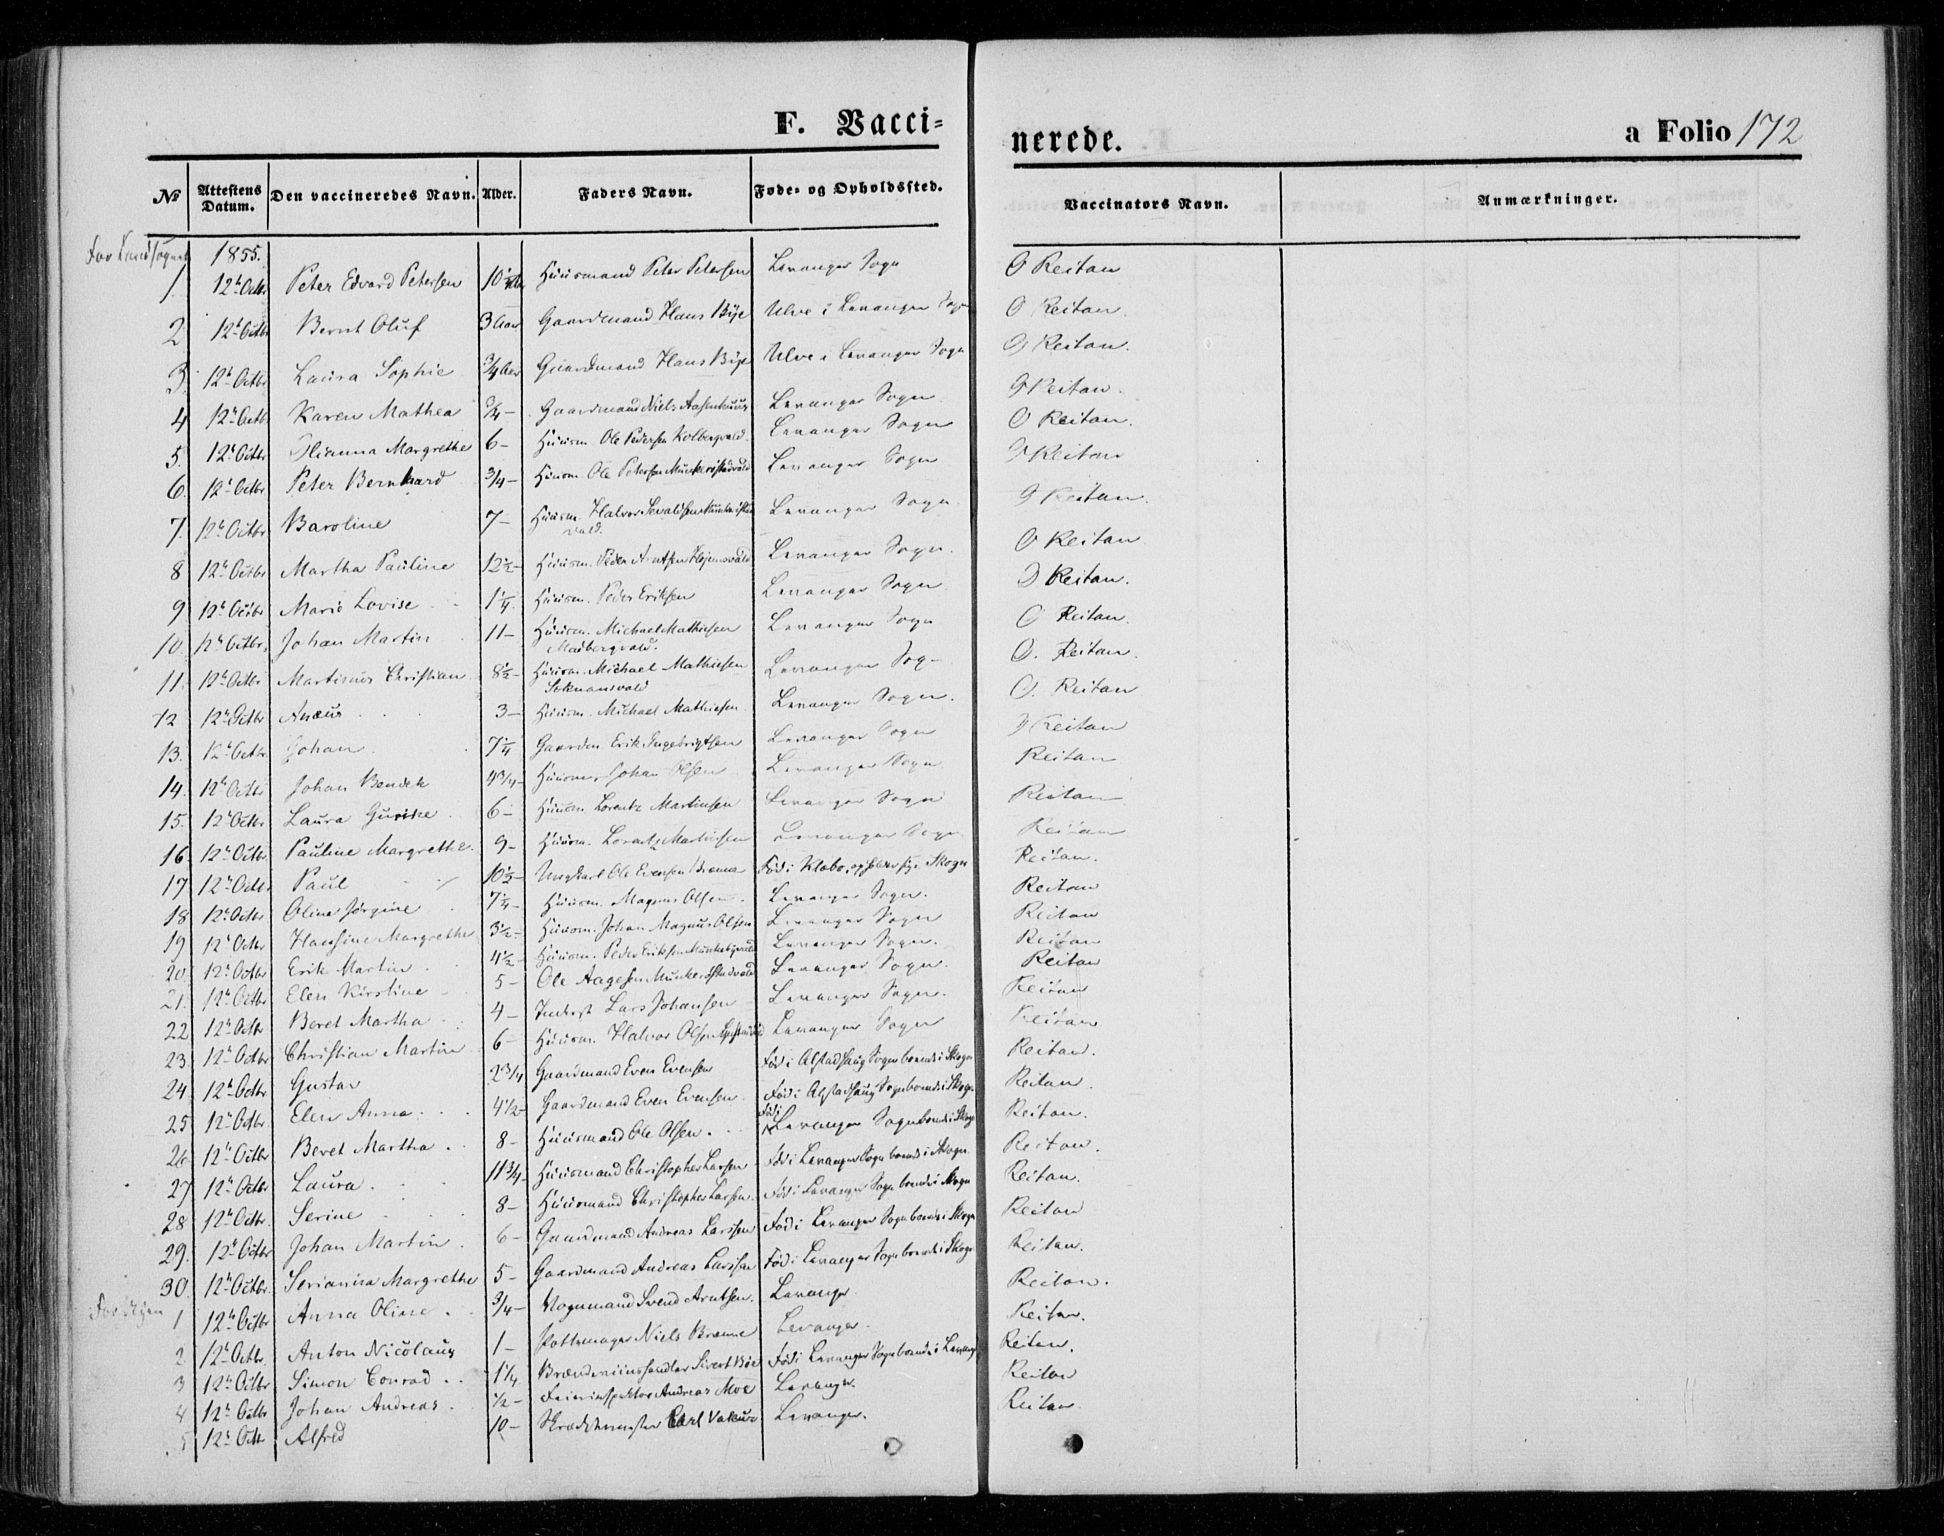 SAT, Ministerialprotokoller, klokkerbøker og fødselsregistre - Nord-Trøndelag, 720/L0184: Ministerialbok nr. 720A02 /1, 1855-1863, s. 172